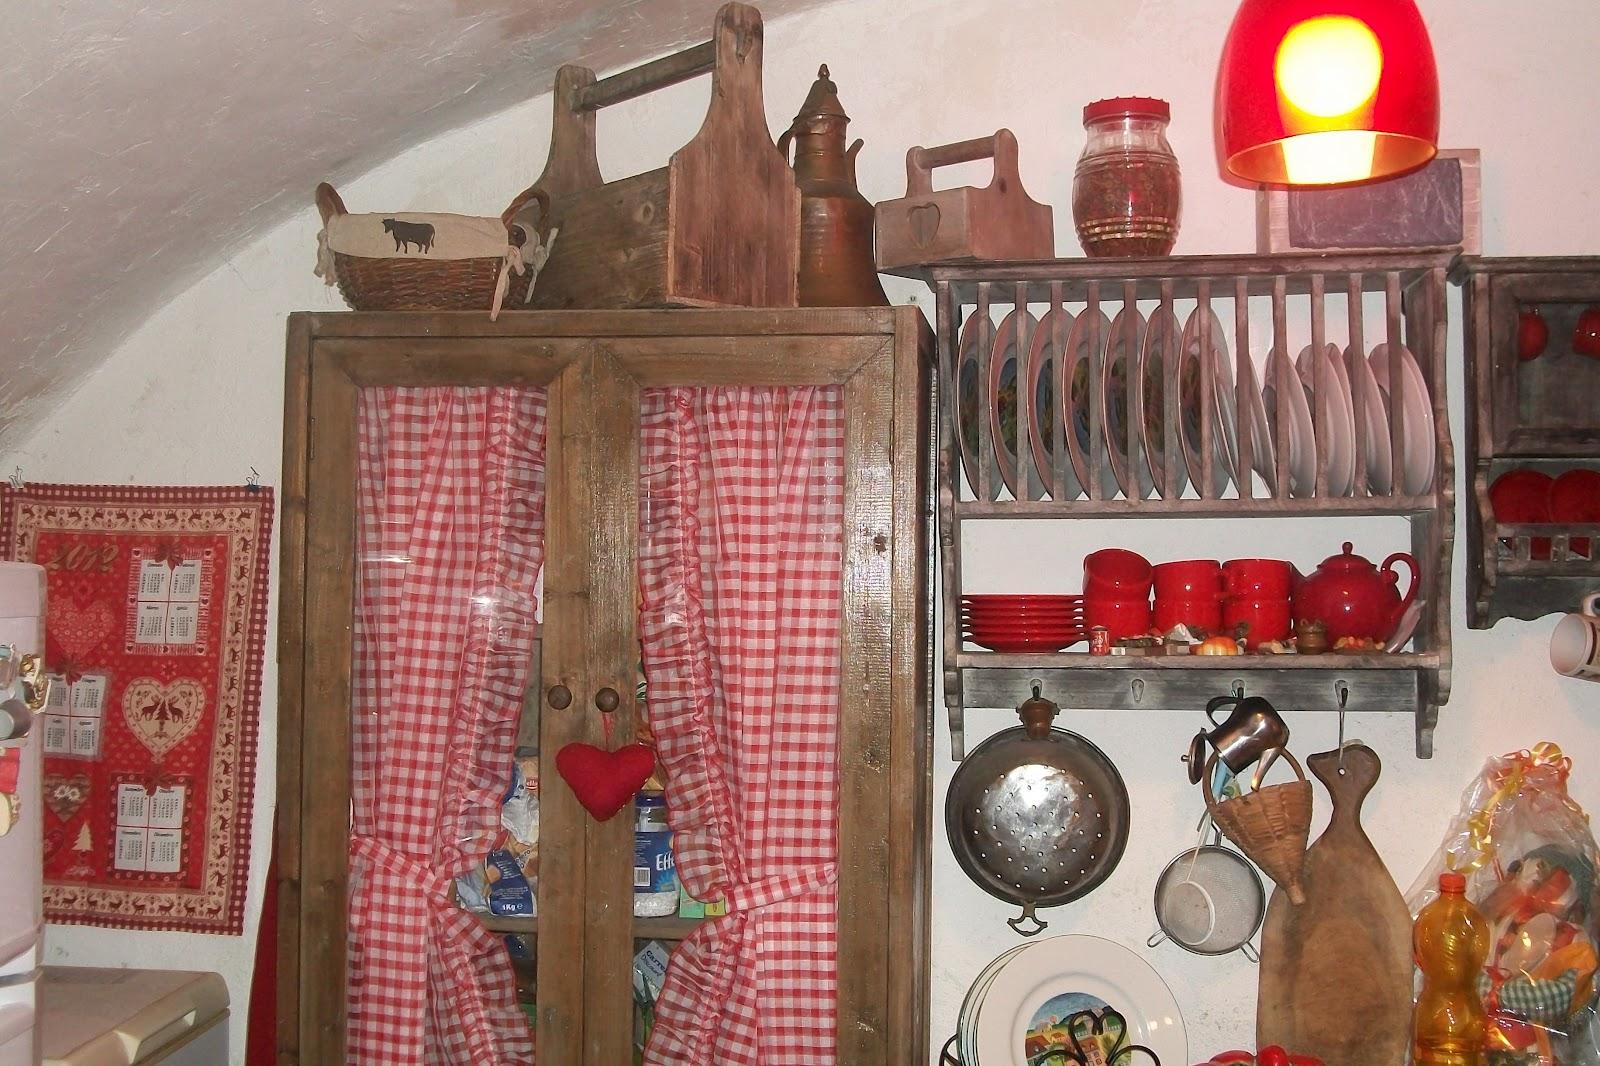 La casa di rory la mia cucina la adoro - Oggetti country per la casa ...